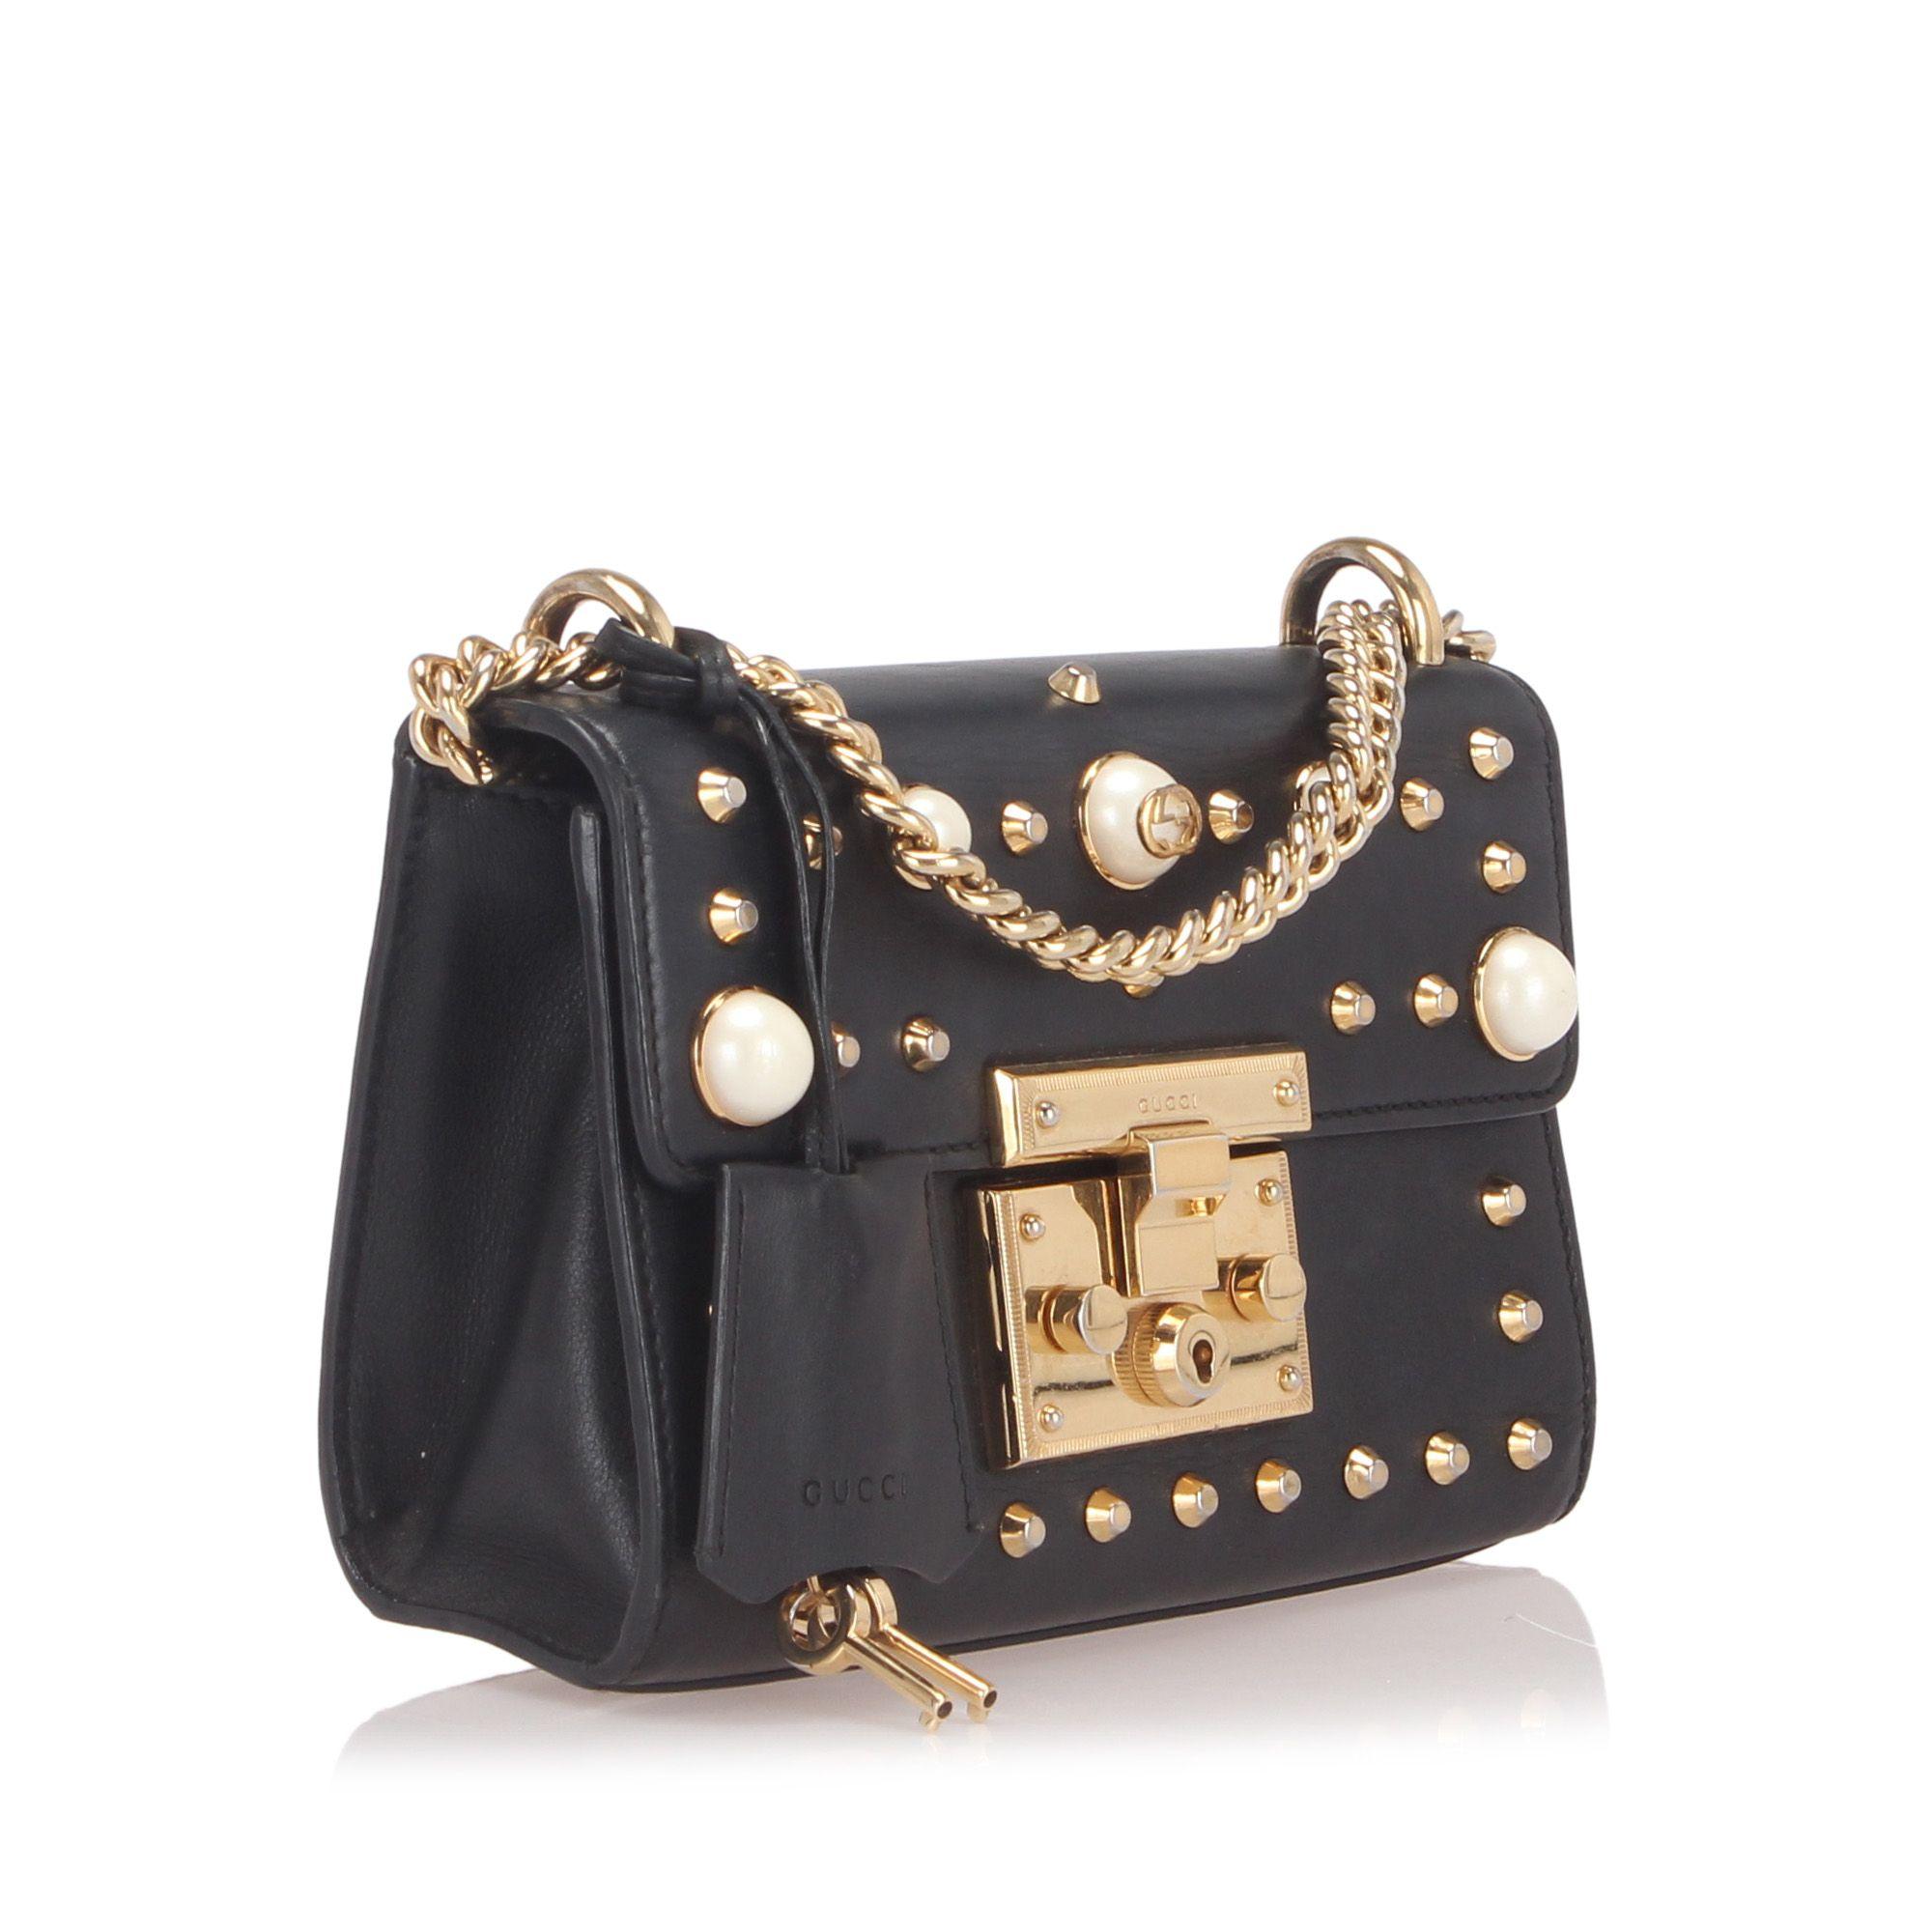 Vintage Gucci Small Studded Padlock Leather Shoulder Bag Black